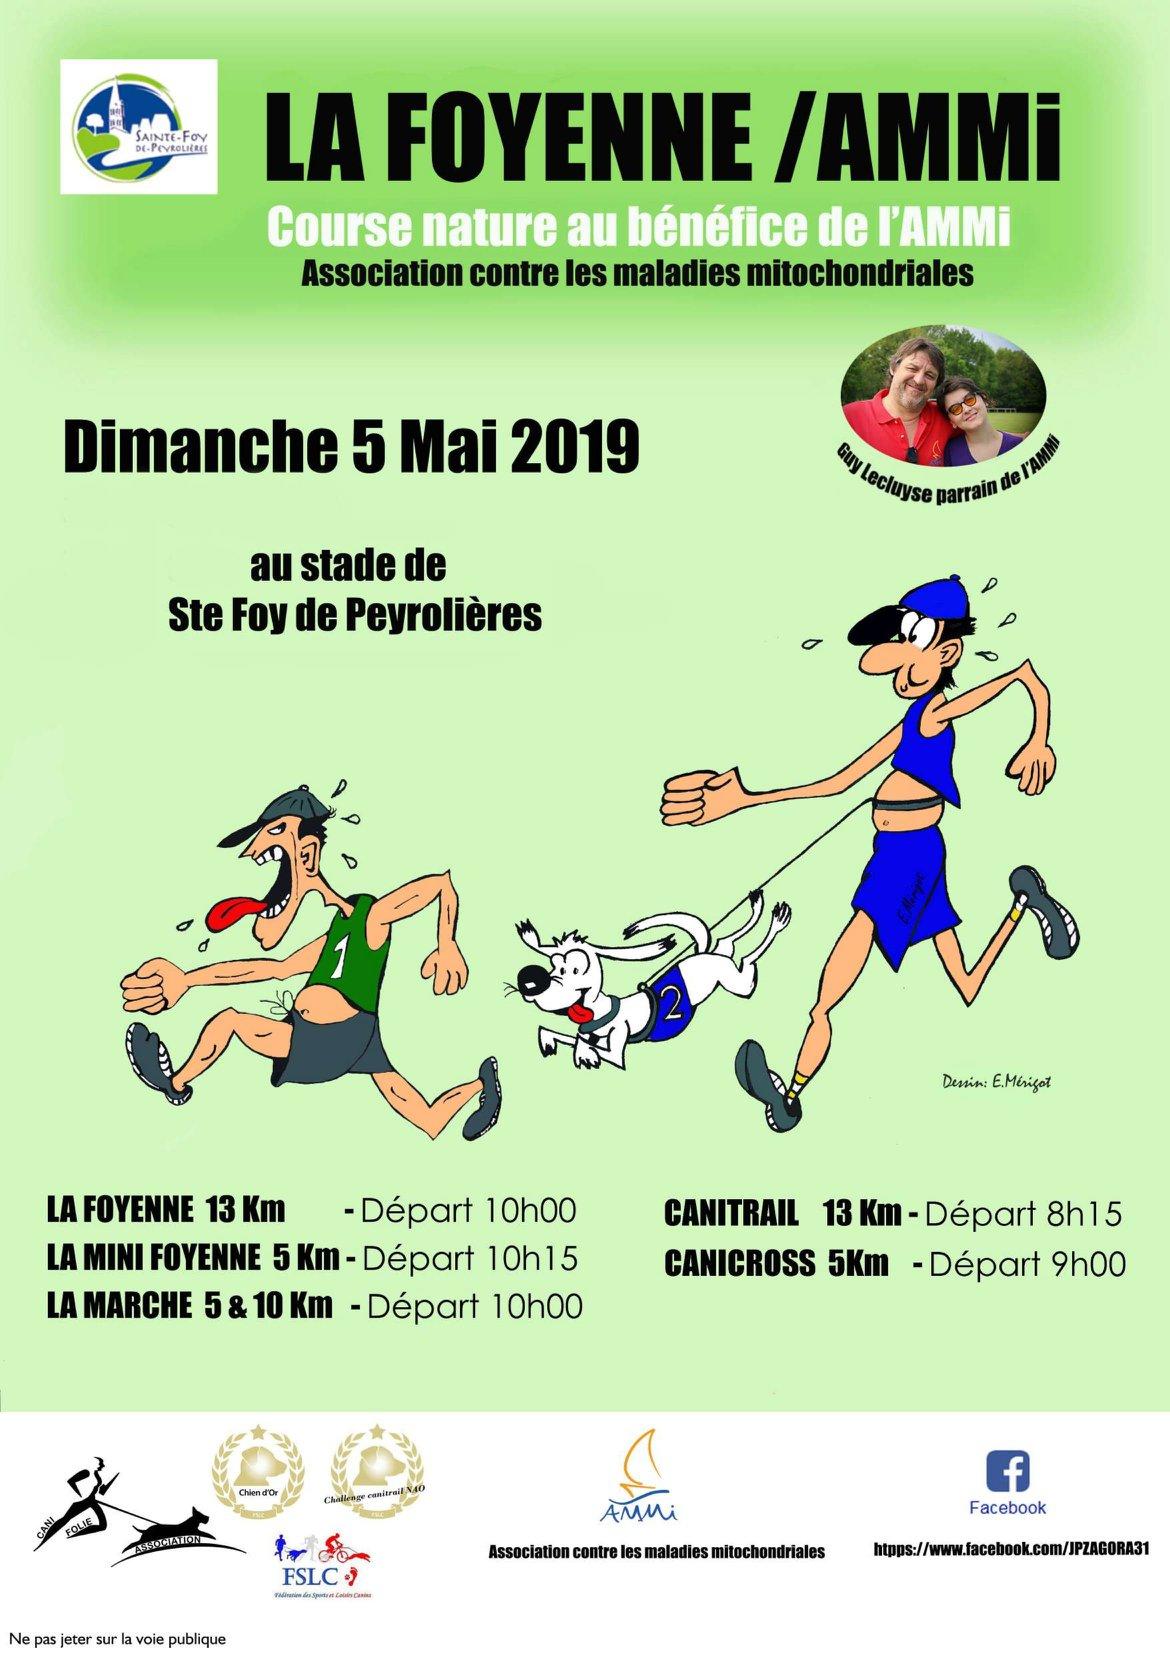 Affiche de l'événement Ammi/LaFoyenne du 5 mai 2019